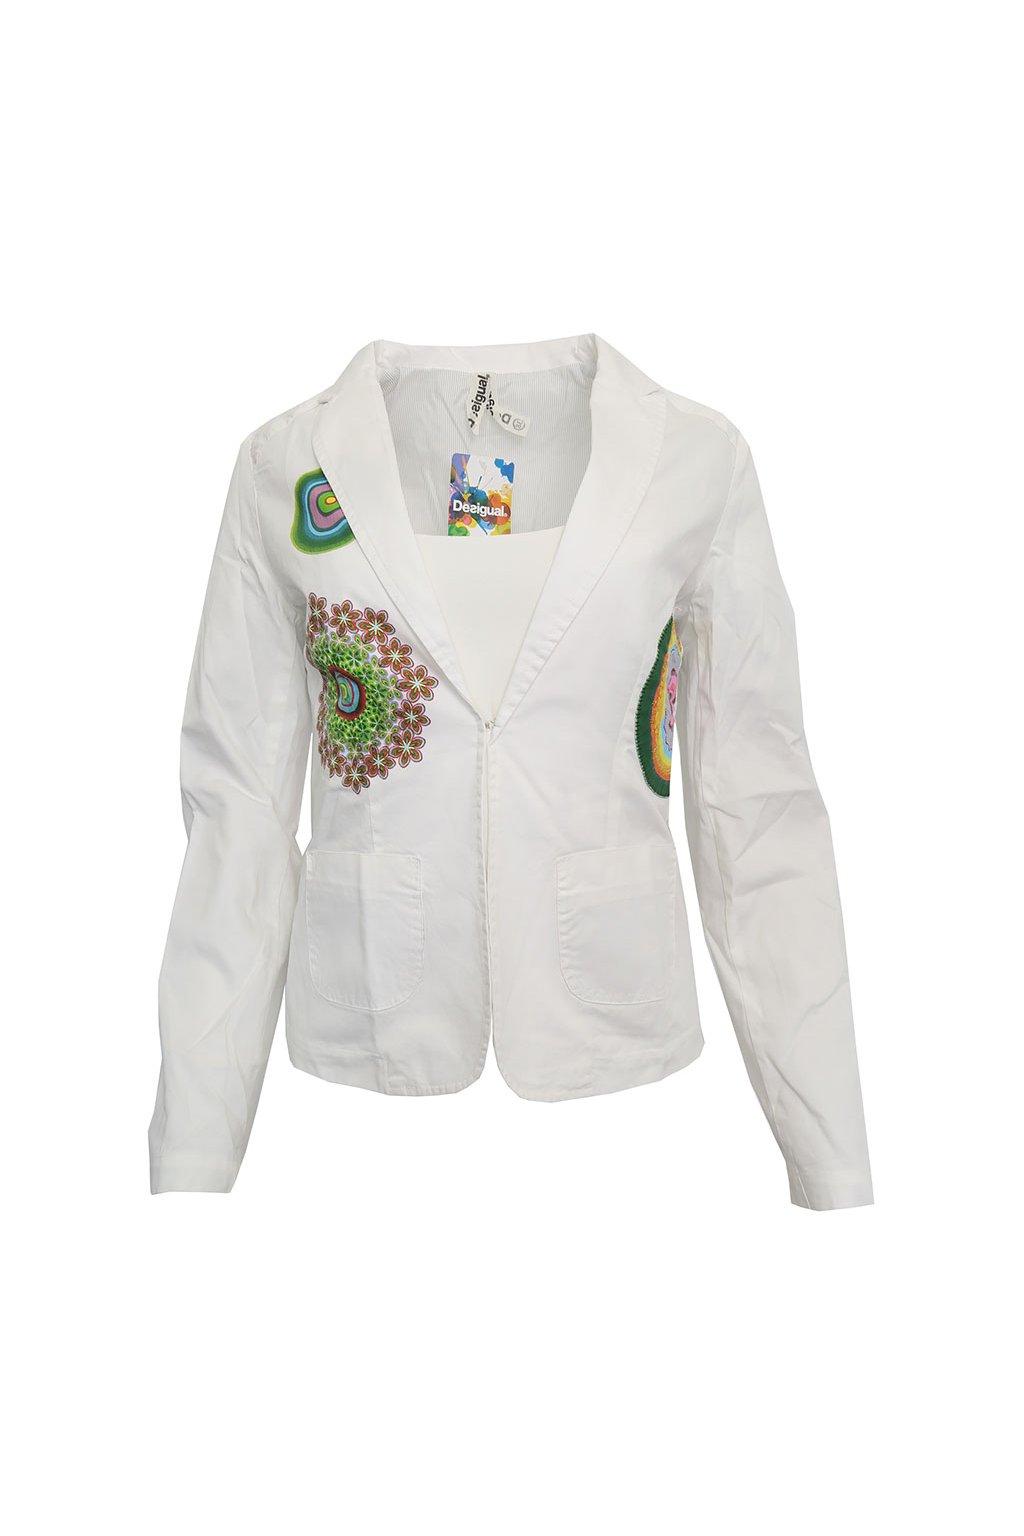 Bílé sako s barevnými koly Desigual